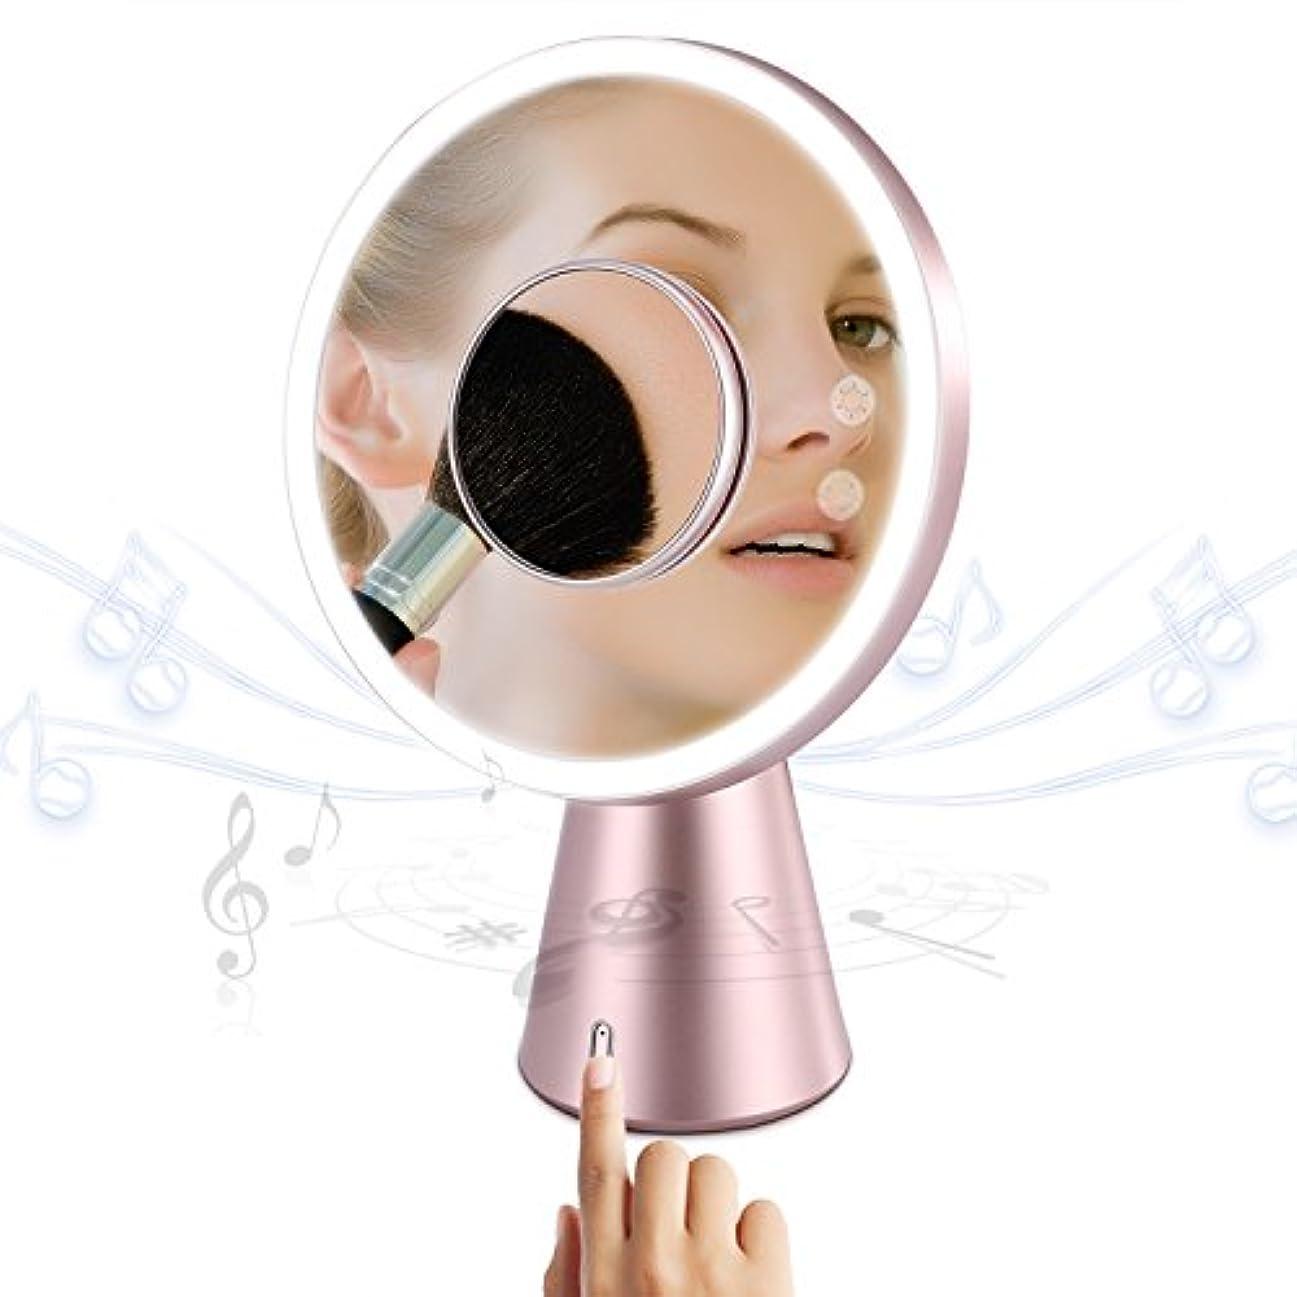 コテージ松レールFascinate 鏡 化粧鏡 LED ミラー 卓上 5倍拡大 スタンドミラー 美容鏡ledライト付き 明るさ調整可能 USB充電式 ブルートゥーススピーカー デスクライト兼用